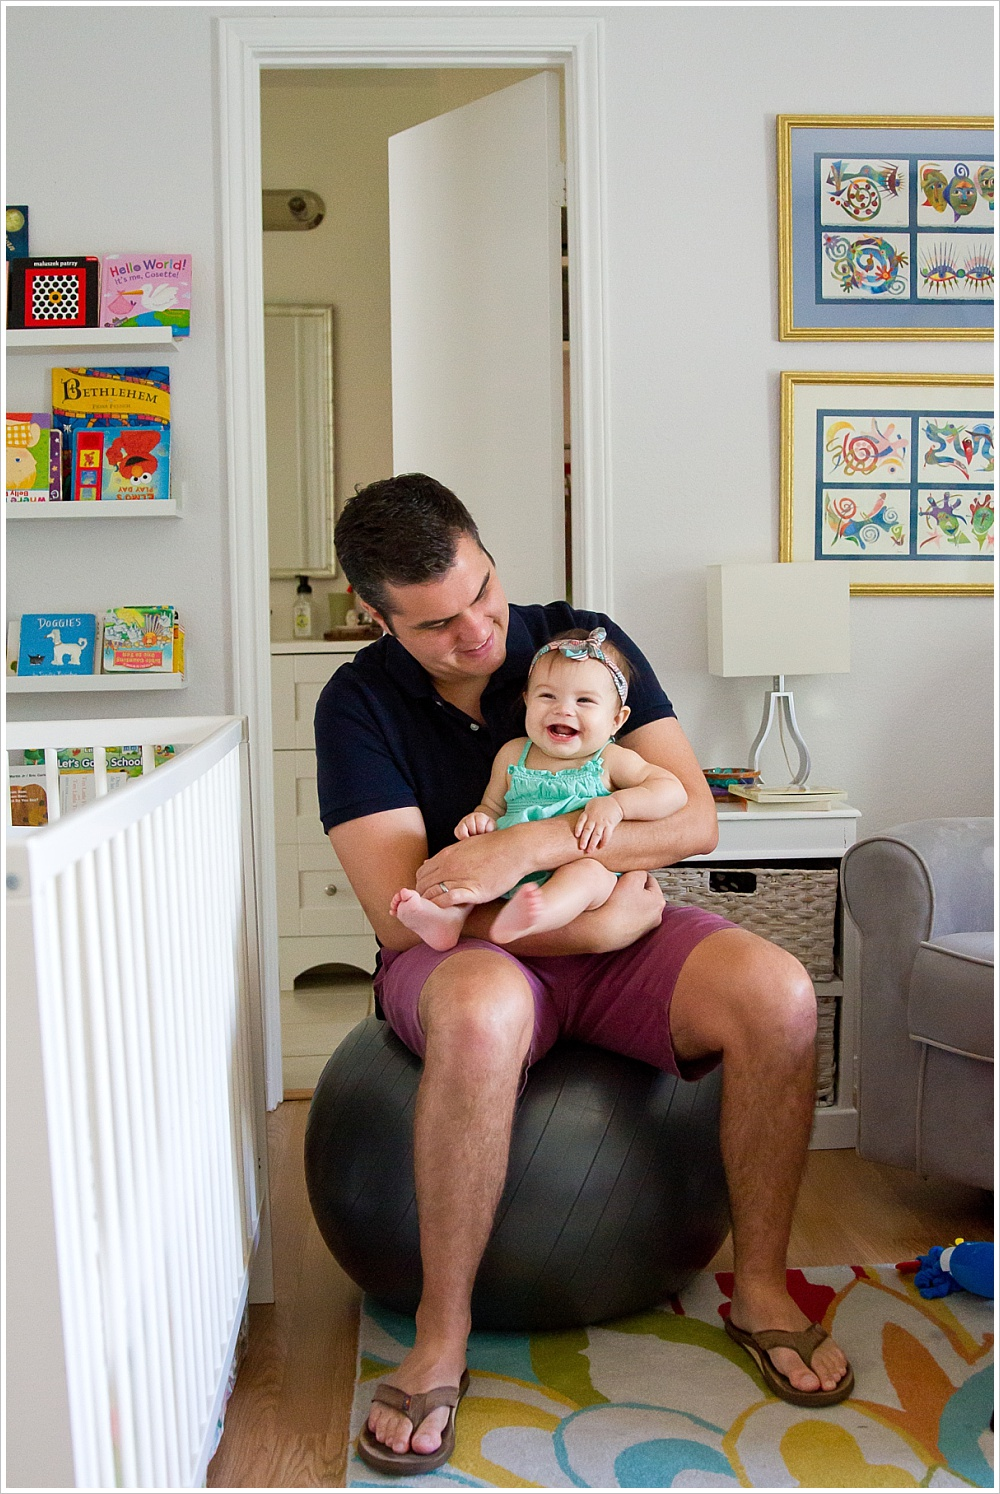 dad bounces baby on a ball | lifestyle family photography in Cedar Park, Texas | Jason & Melaina Photography